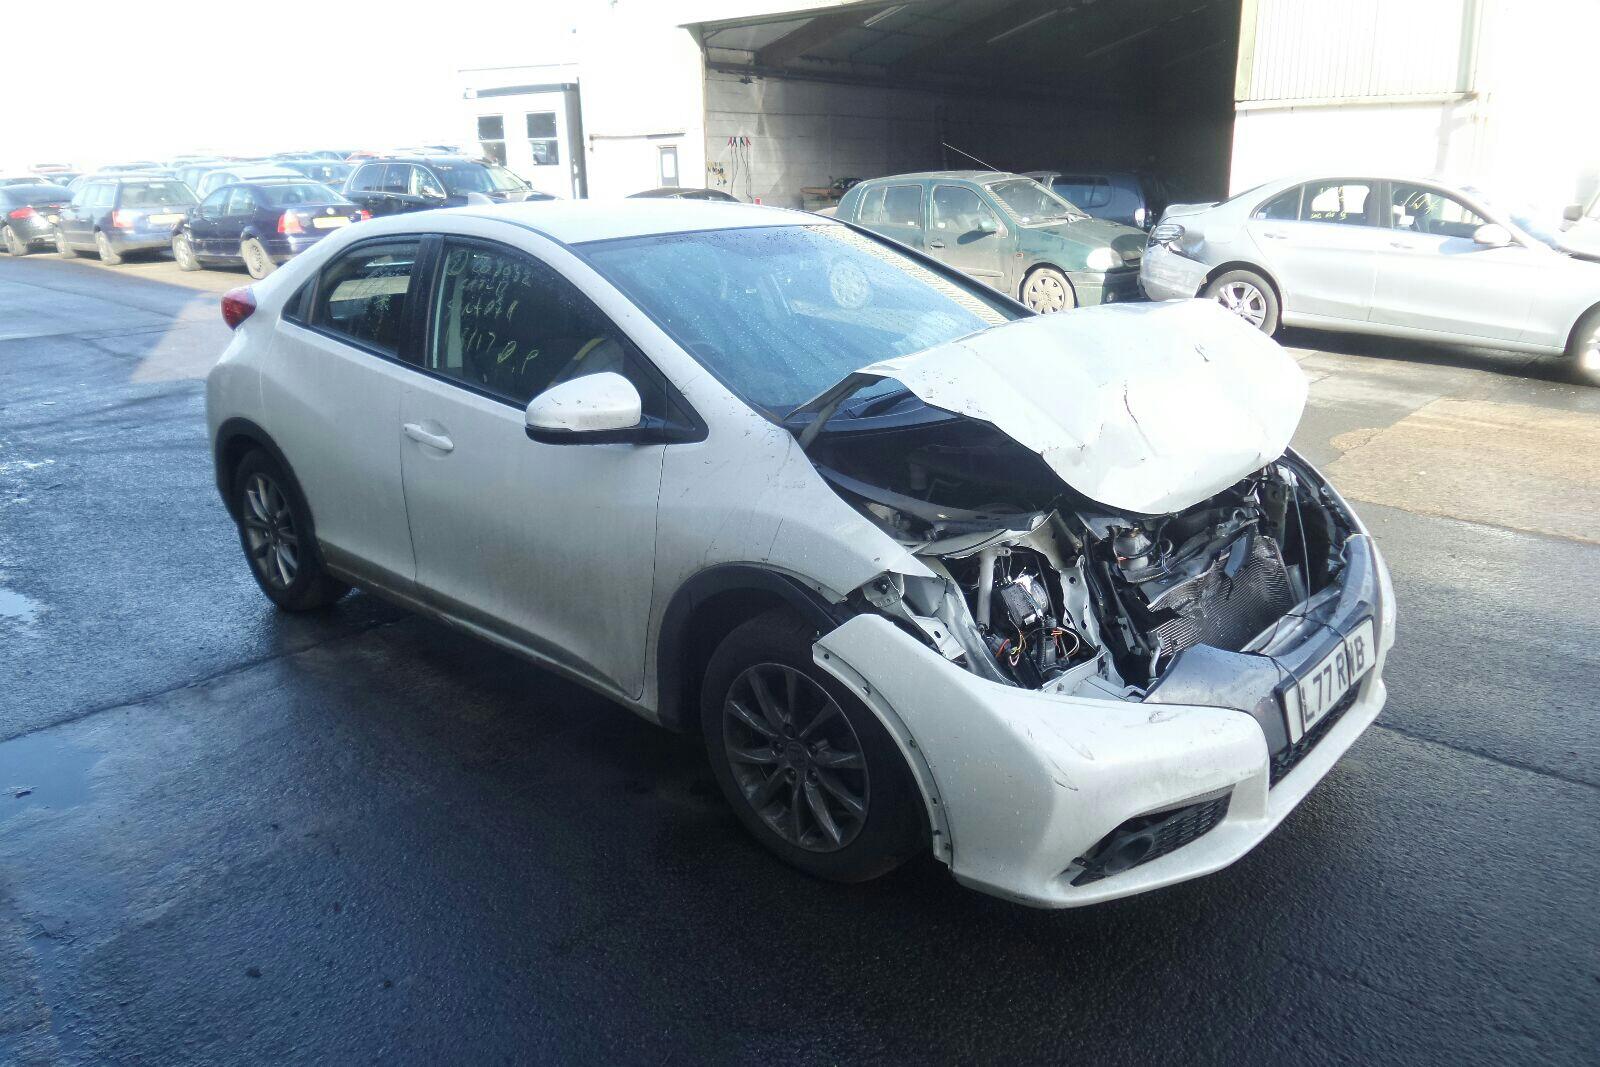 Image for a Honda Civic 2012 5 Door Hatchback